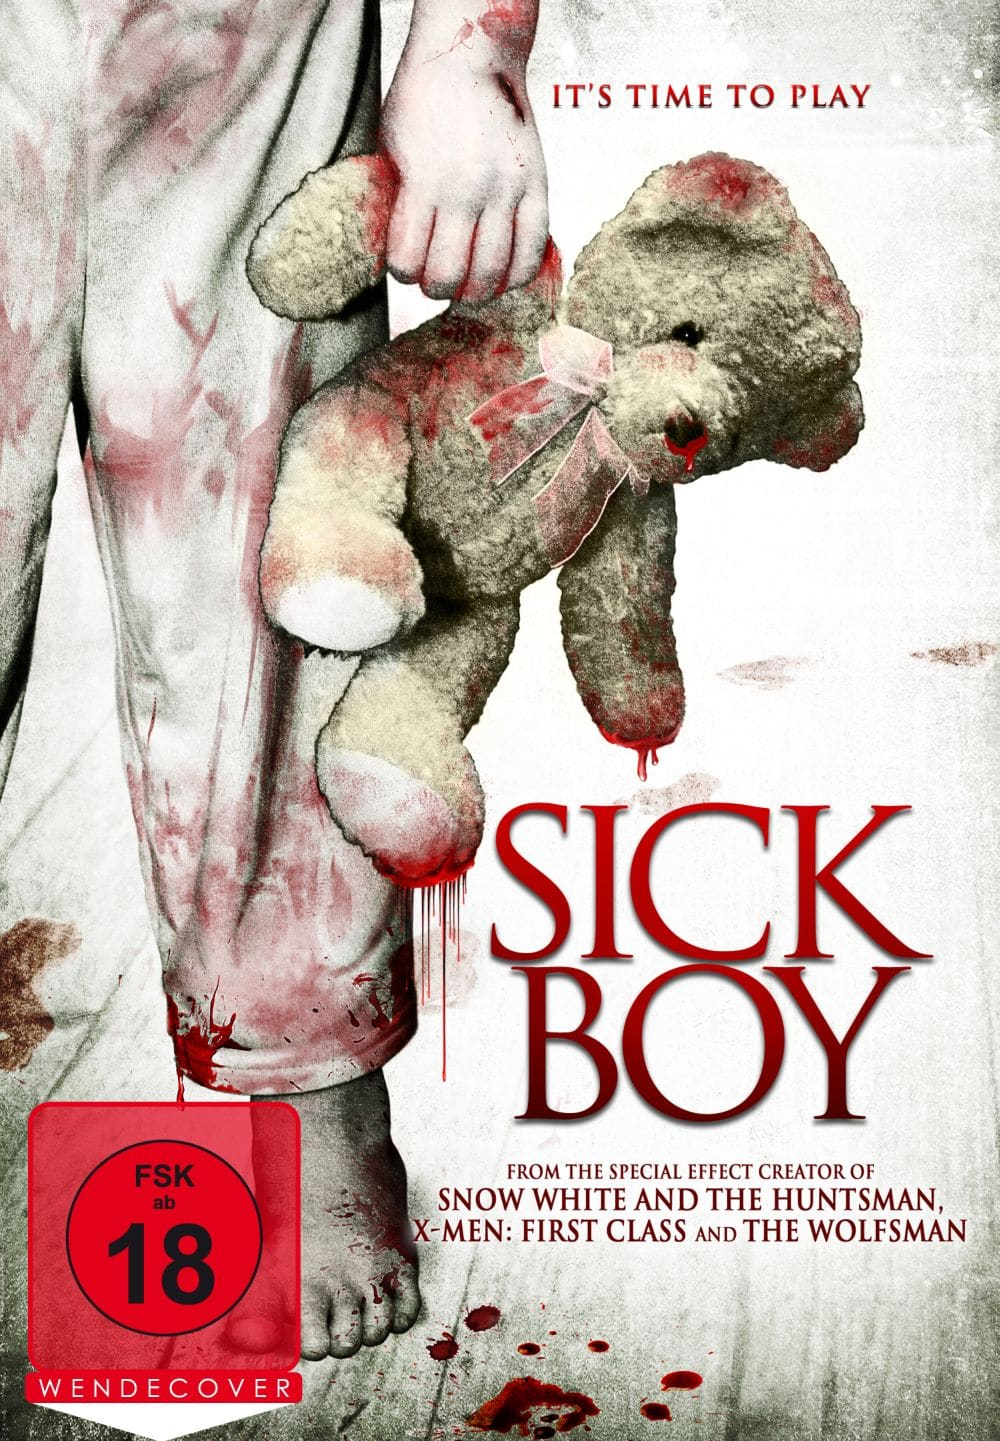 Sick Boy - Film 2011 - Scary-Movies.de